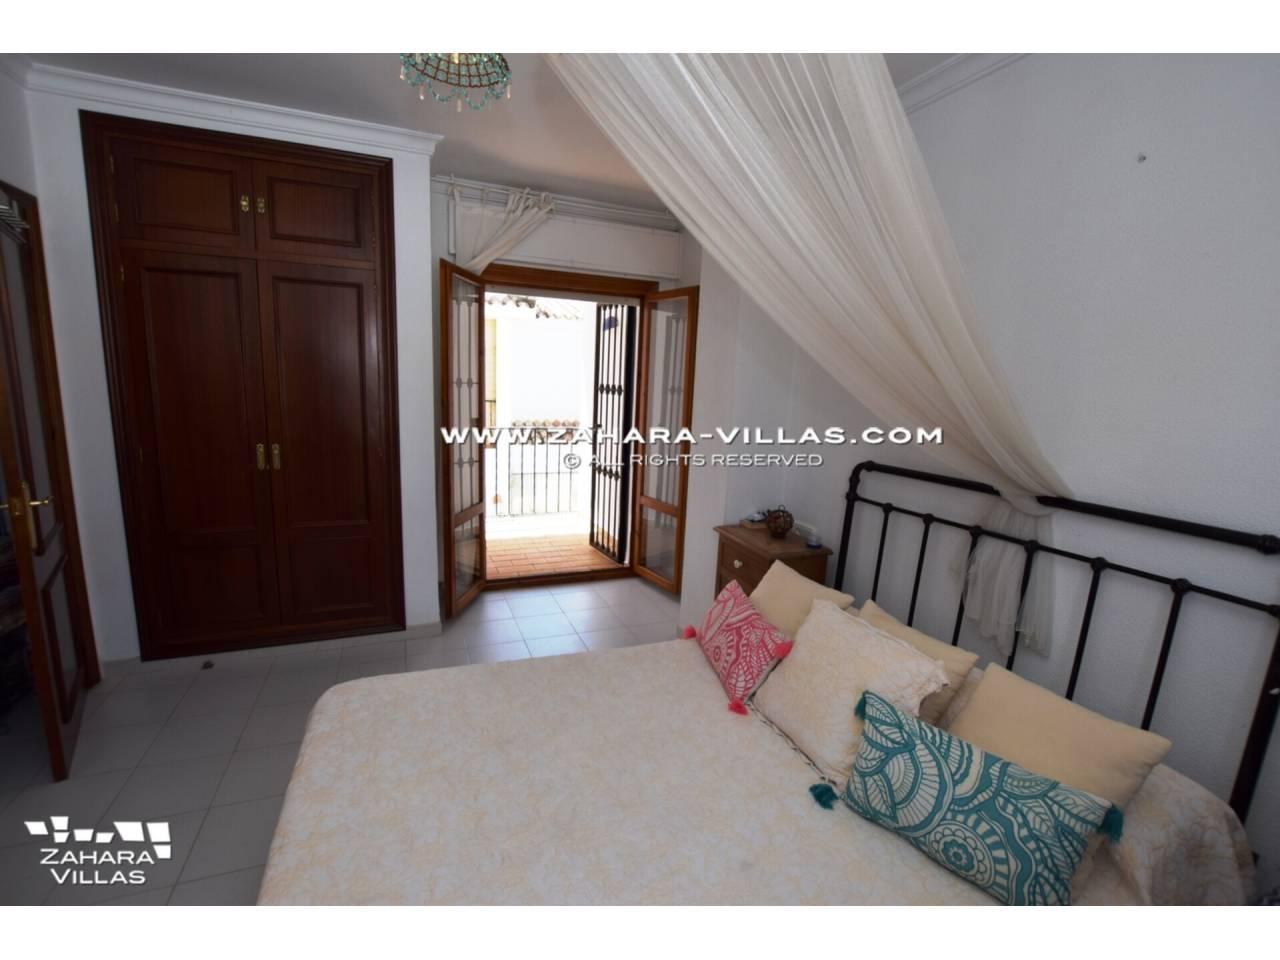 Imagen 31 de Casa en venta en segunda línea de playa, con vistas al mar en Zahara de los Atunes